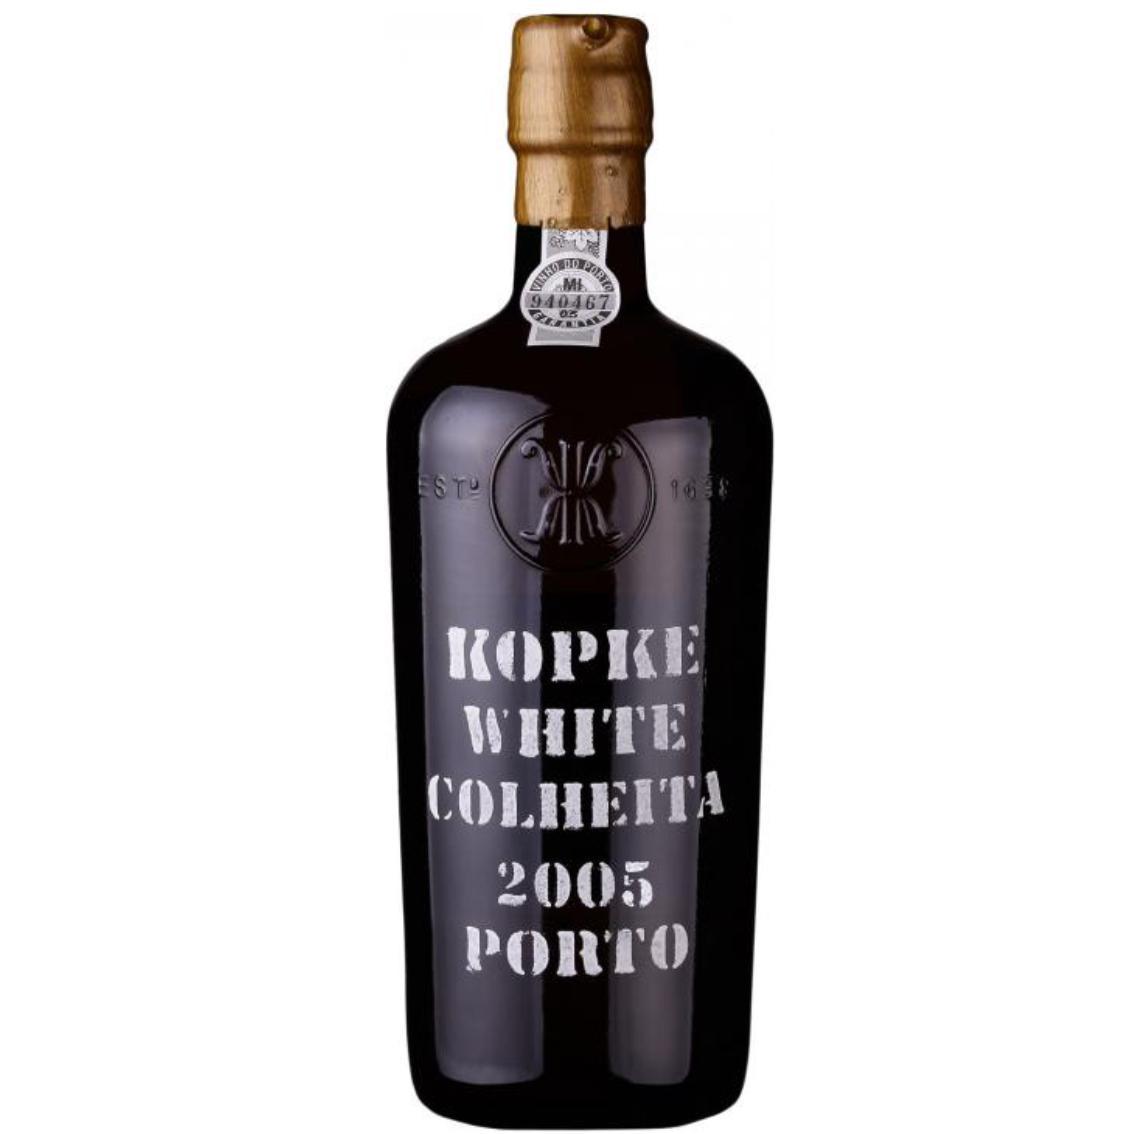 2005 White Colheita Port - Kopke